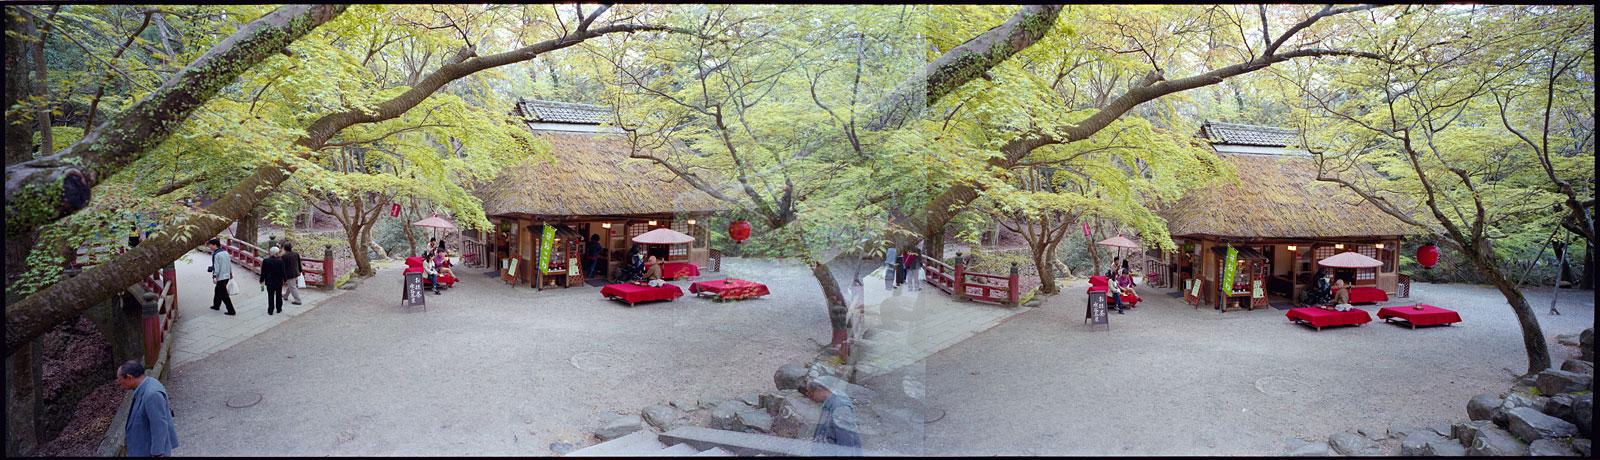 japan_tea_house